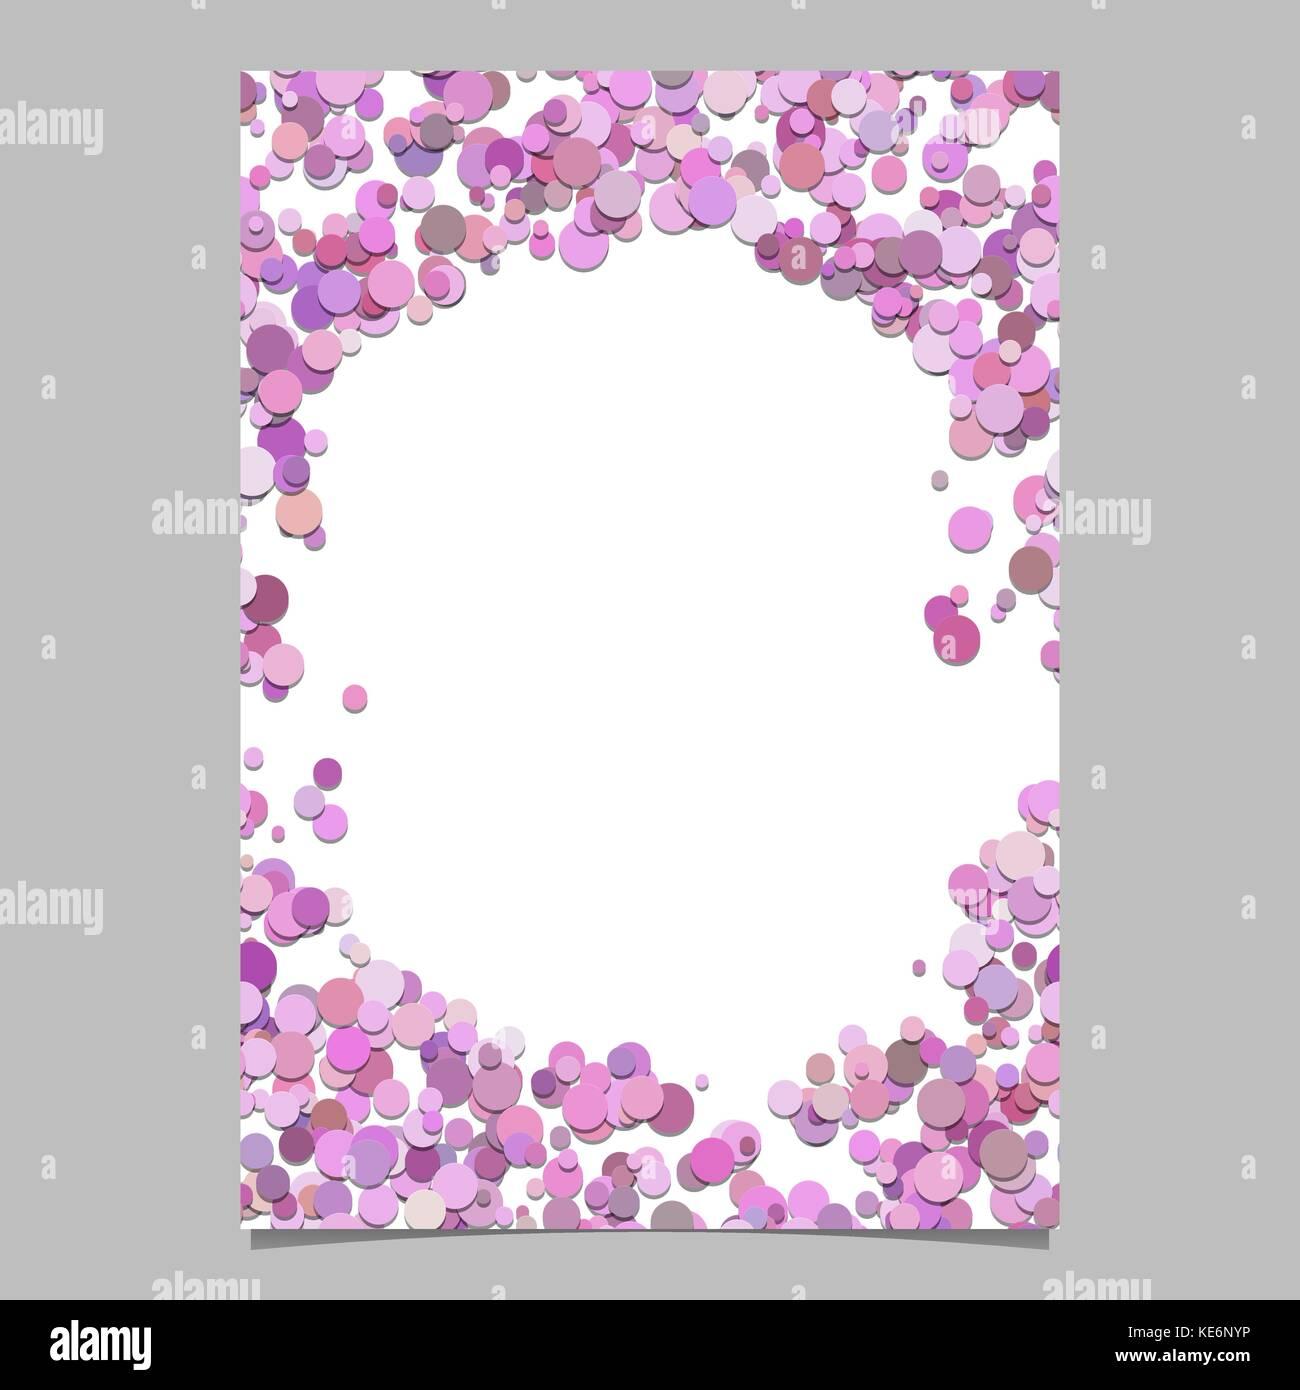 Geometrische chaotischen Dot Pattern Broschüre Hintergrund Vorlage ...